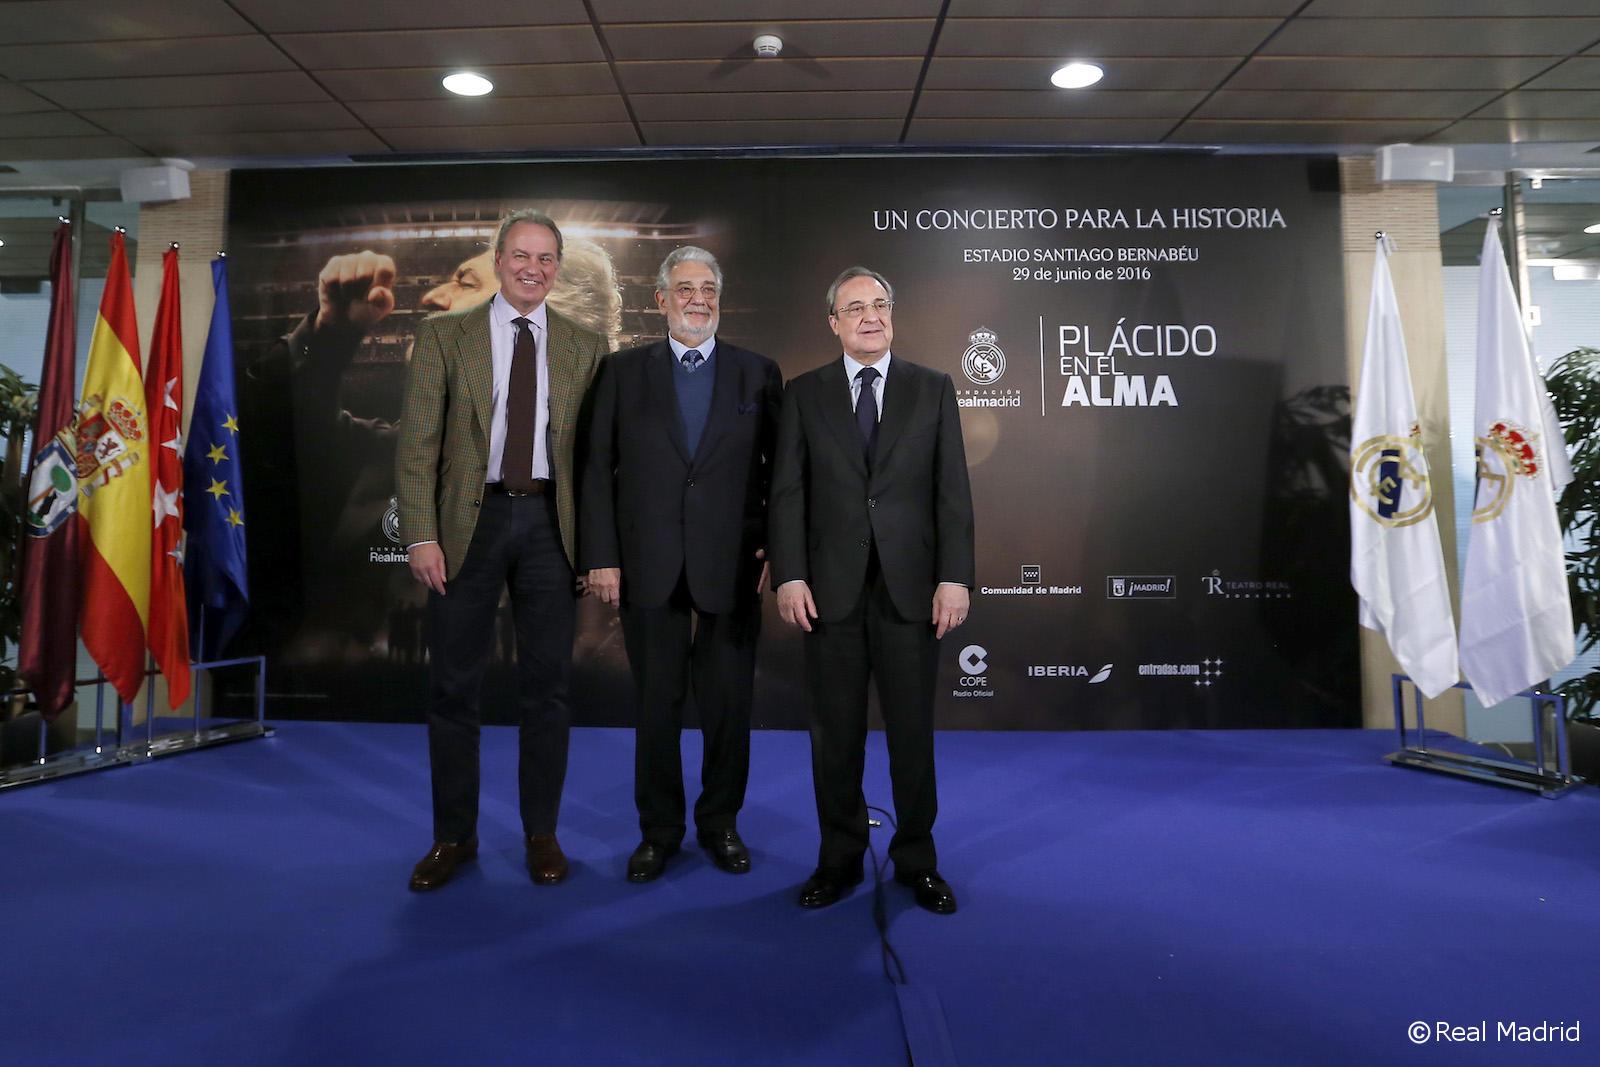 PRESENTACION CONCIERTO PLACIDO EN EL ALMA_1RM1546